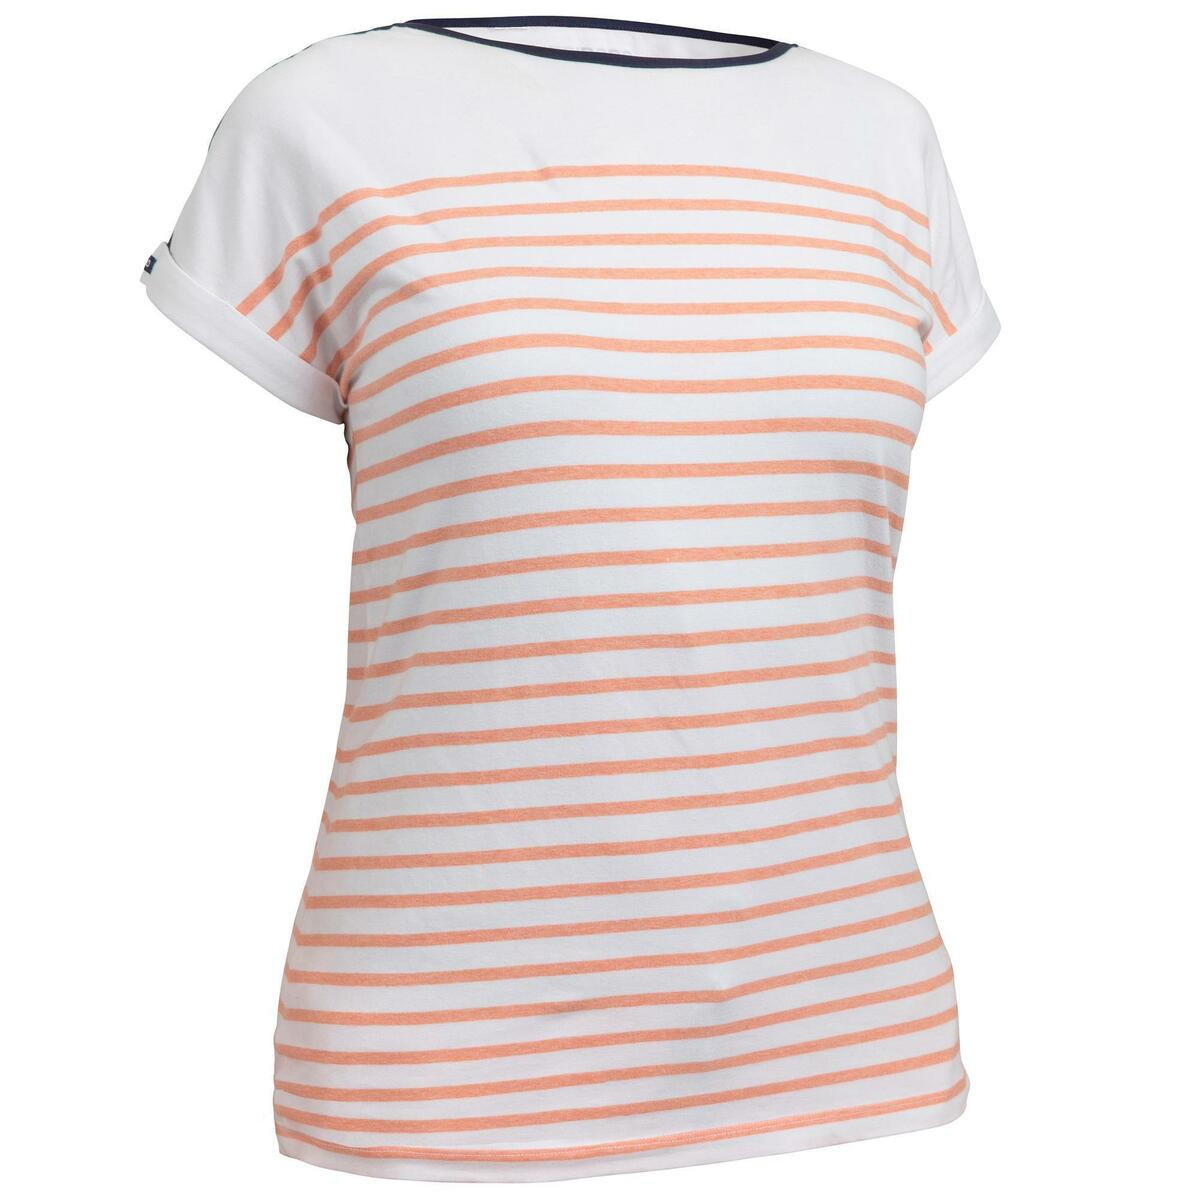 Bild 1 von Segelshirt kurzarm Sailing 100 Damen weiß/koralle